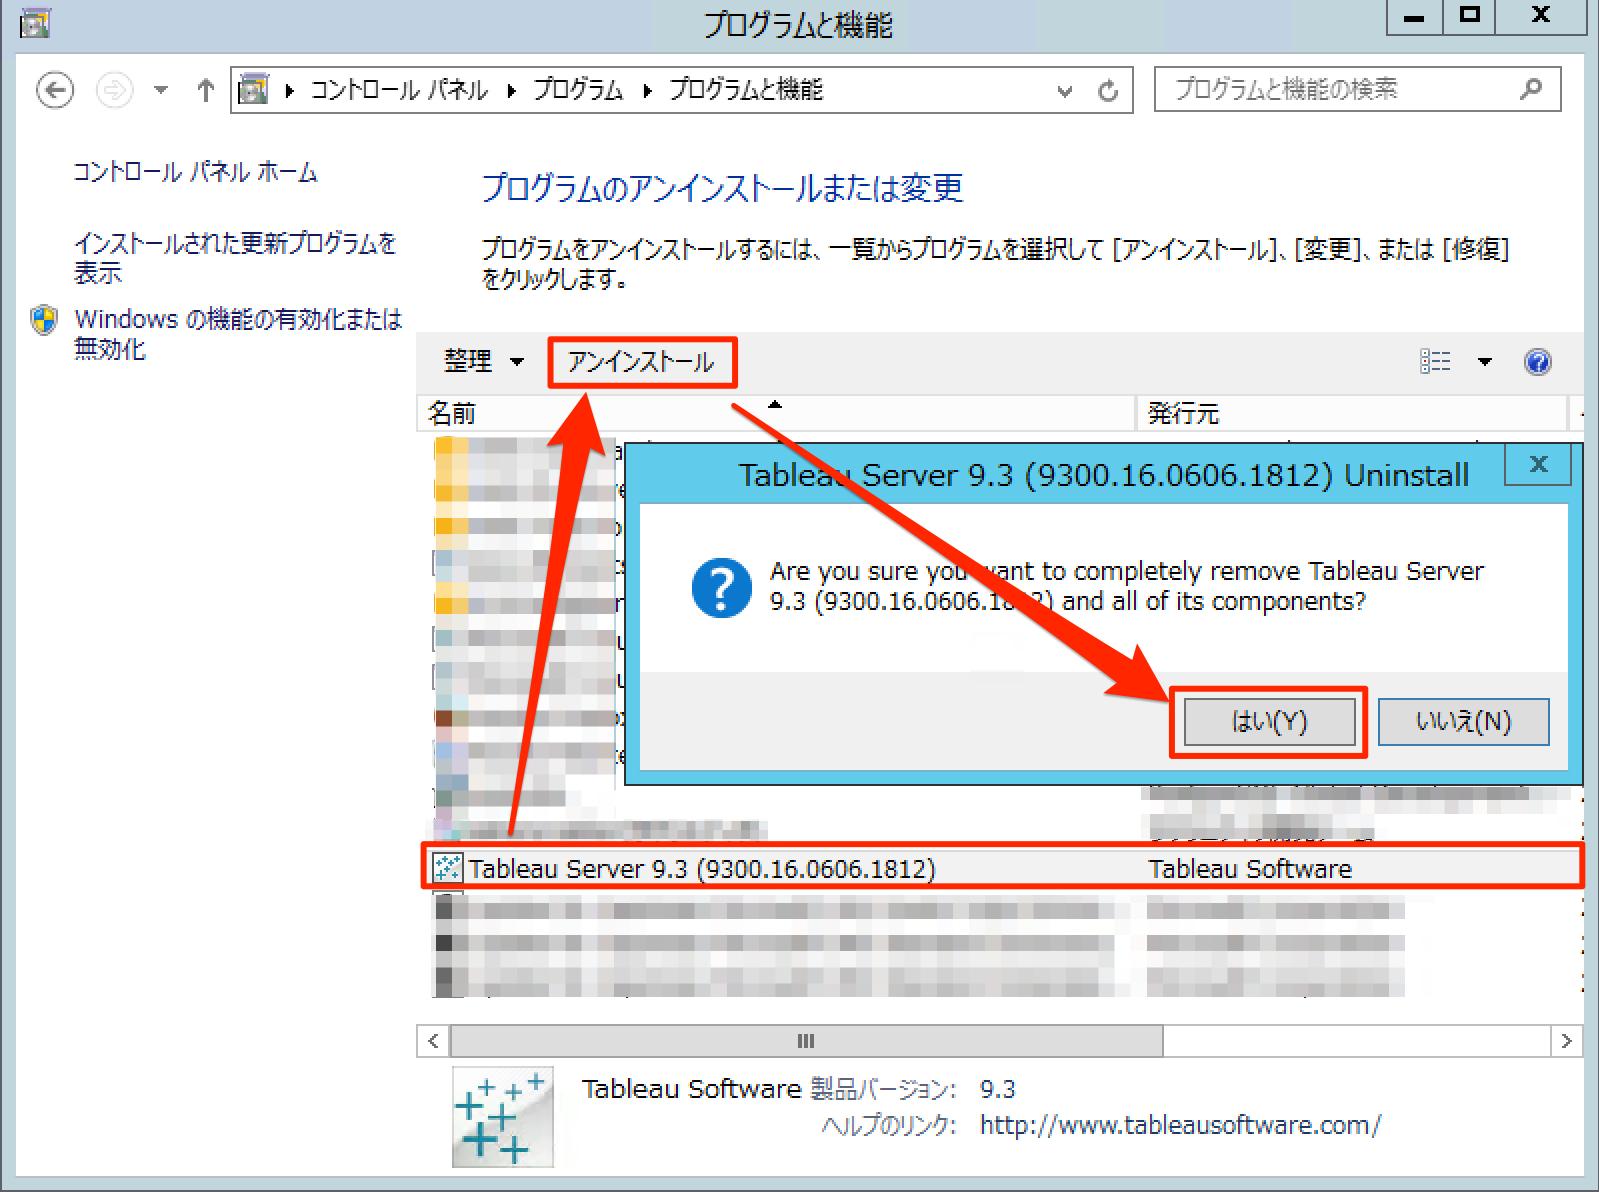 upgrade-tableau-server-v10_01